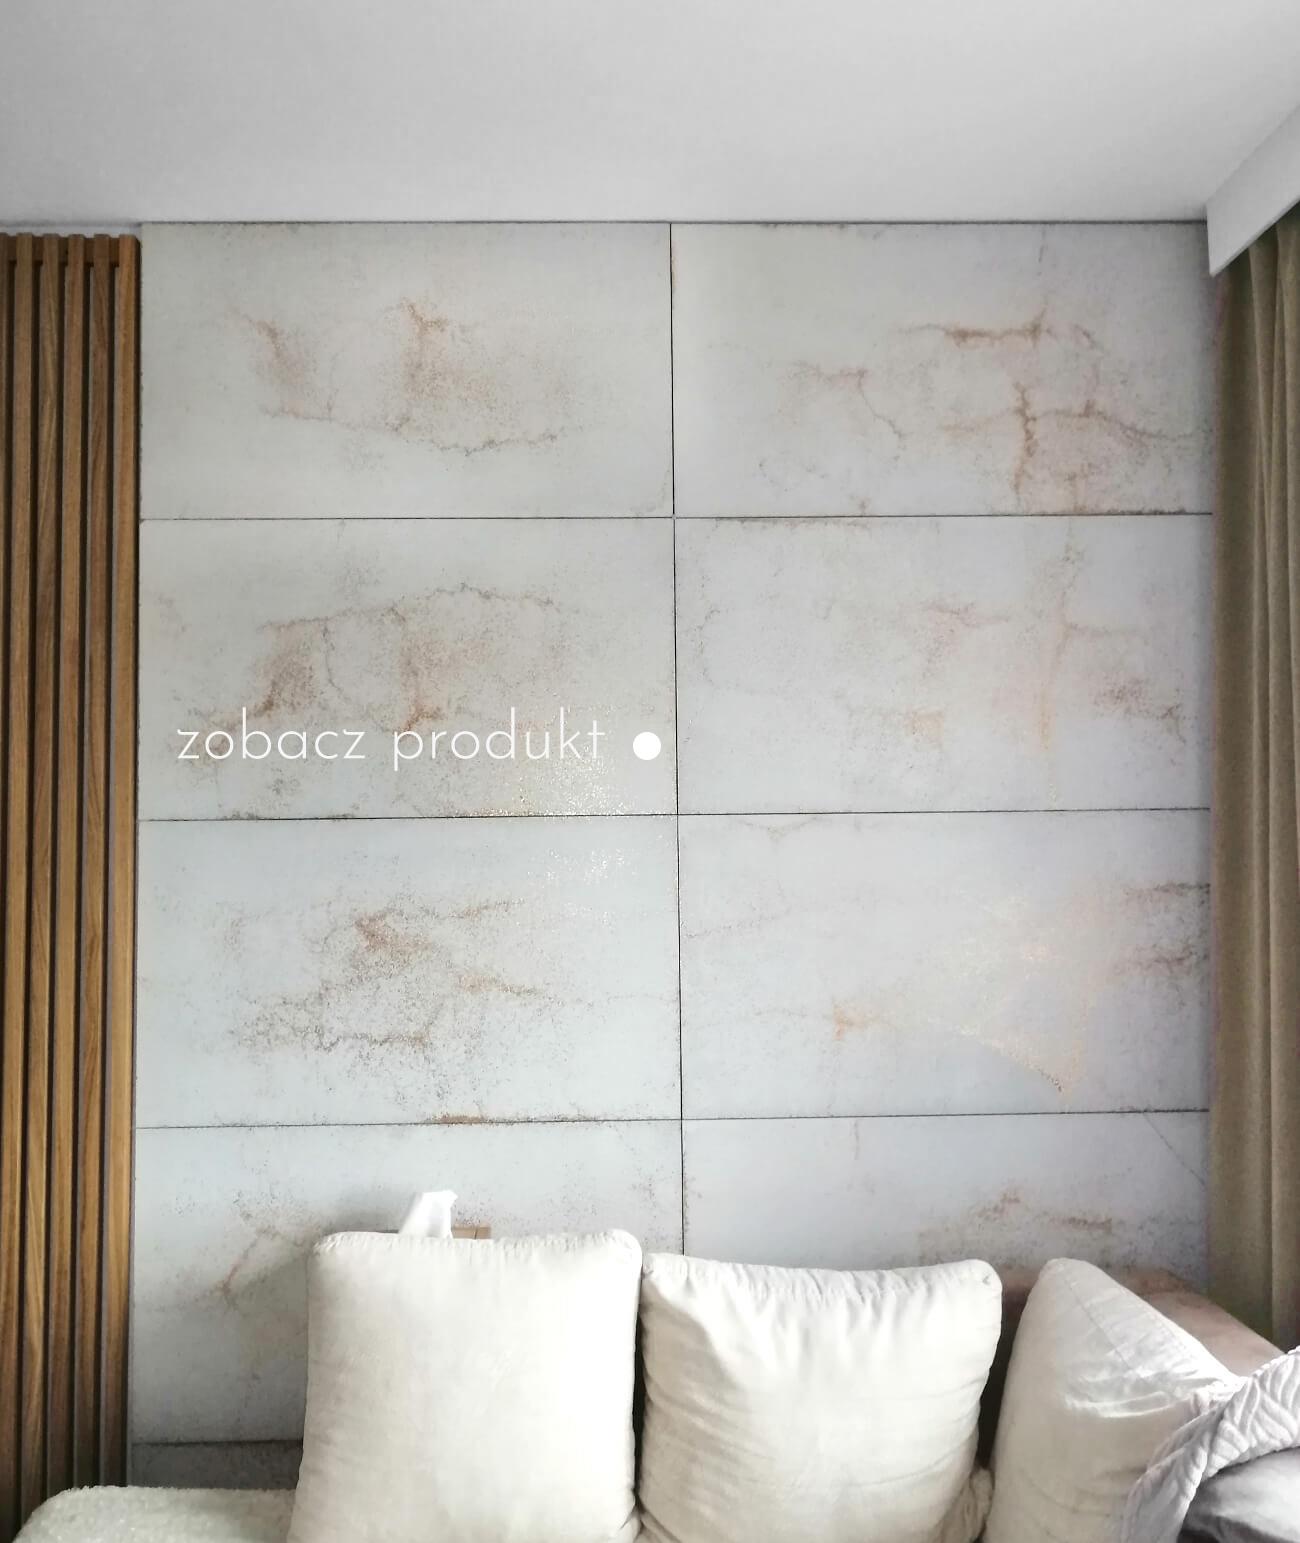 plyty-betonowe-scienne-i-elewacyjne-beton-architektoniczny_1141-24319-ds-bialy-zlote-kruszywo-plyta-beton-architektoniczny-grc-ultralekka